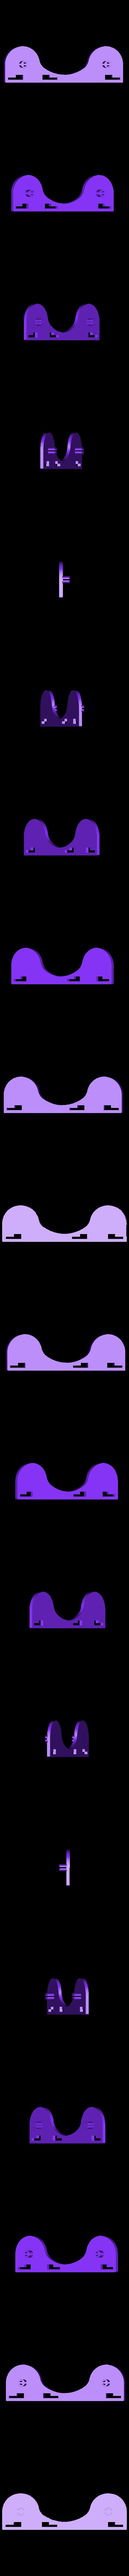 PanelLeft.stl Télécharger fichier STL gratuit Support de bobine de filament ajustable / extensible - Ajouts à Flashforge Creator Pro • Modèle à imprimer en 3D, Kajdalon